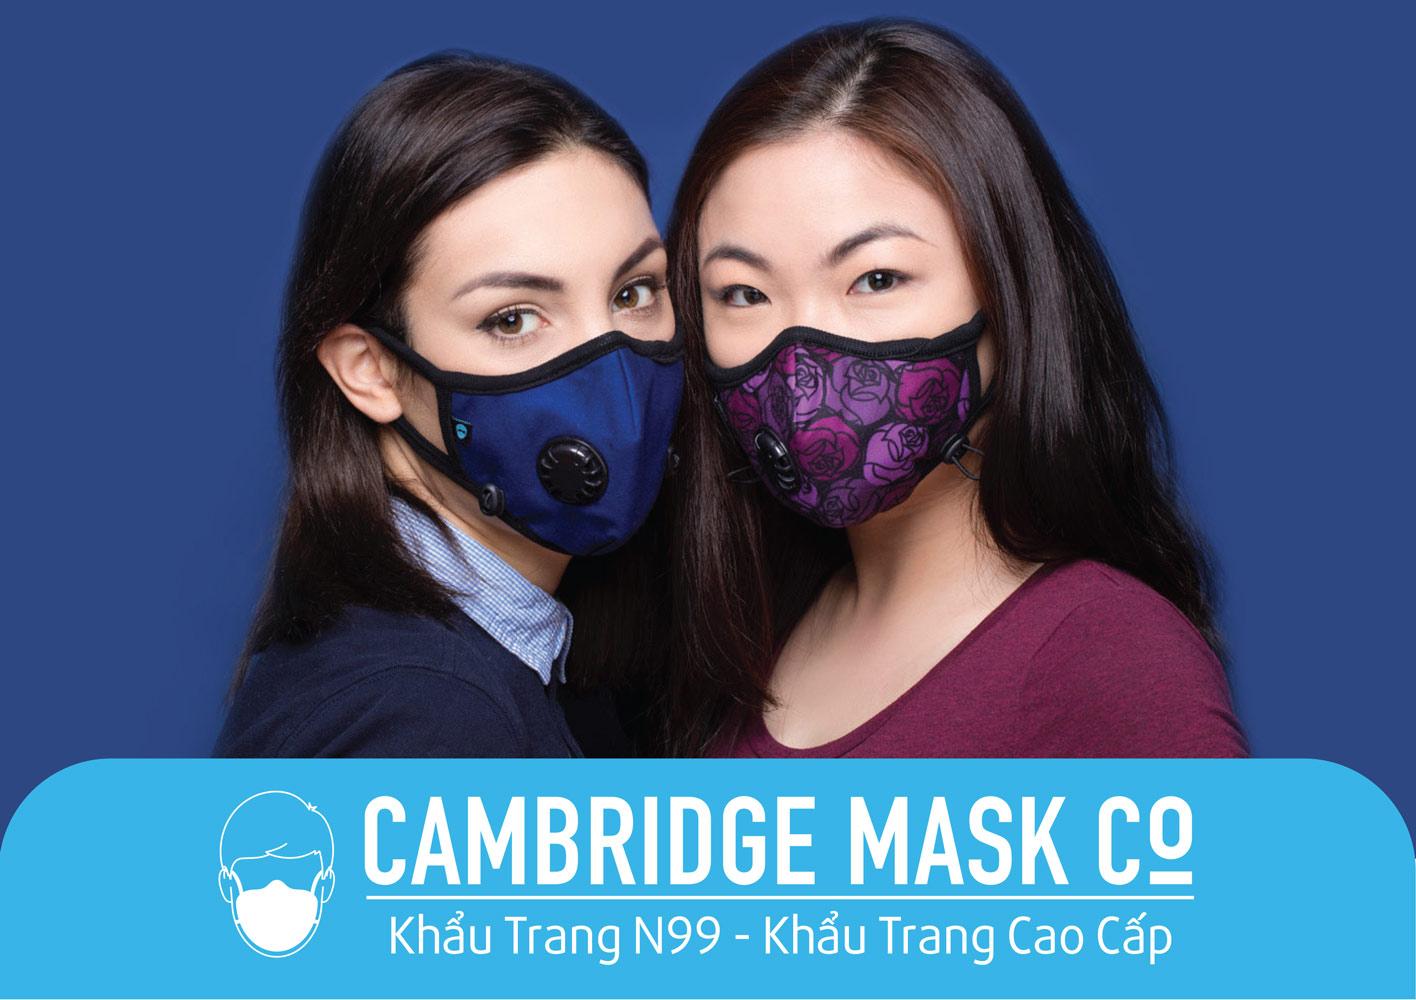 Đại lý phân phối khẩu trang cambridge mask